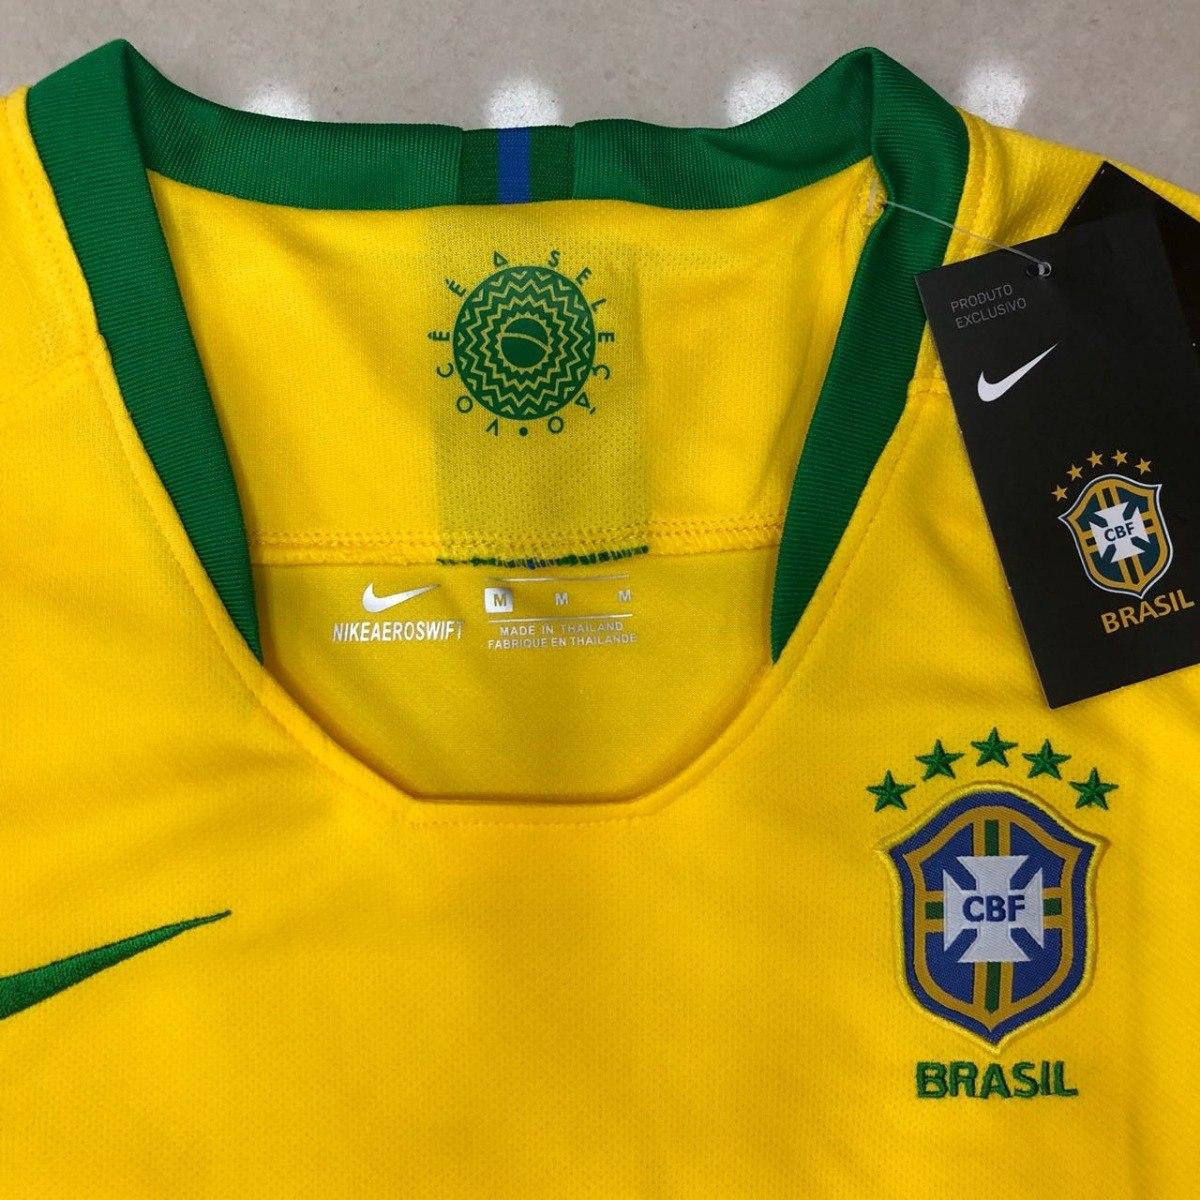 c2dd917a1c camisa feminina cbf seleçao brasileira 2014 copa do brasil ! Carregando zoom .